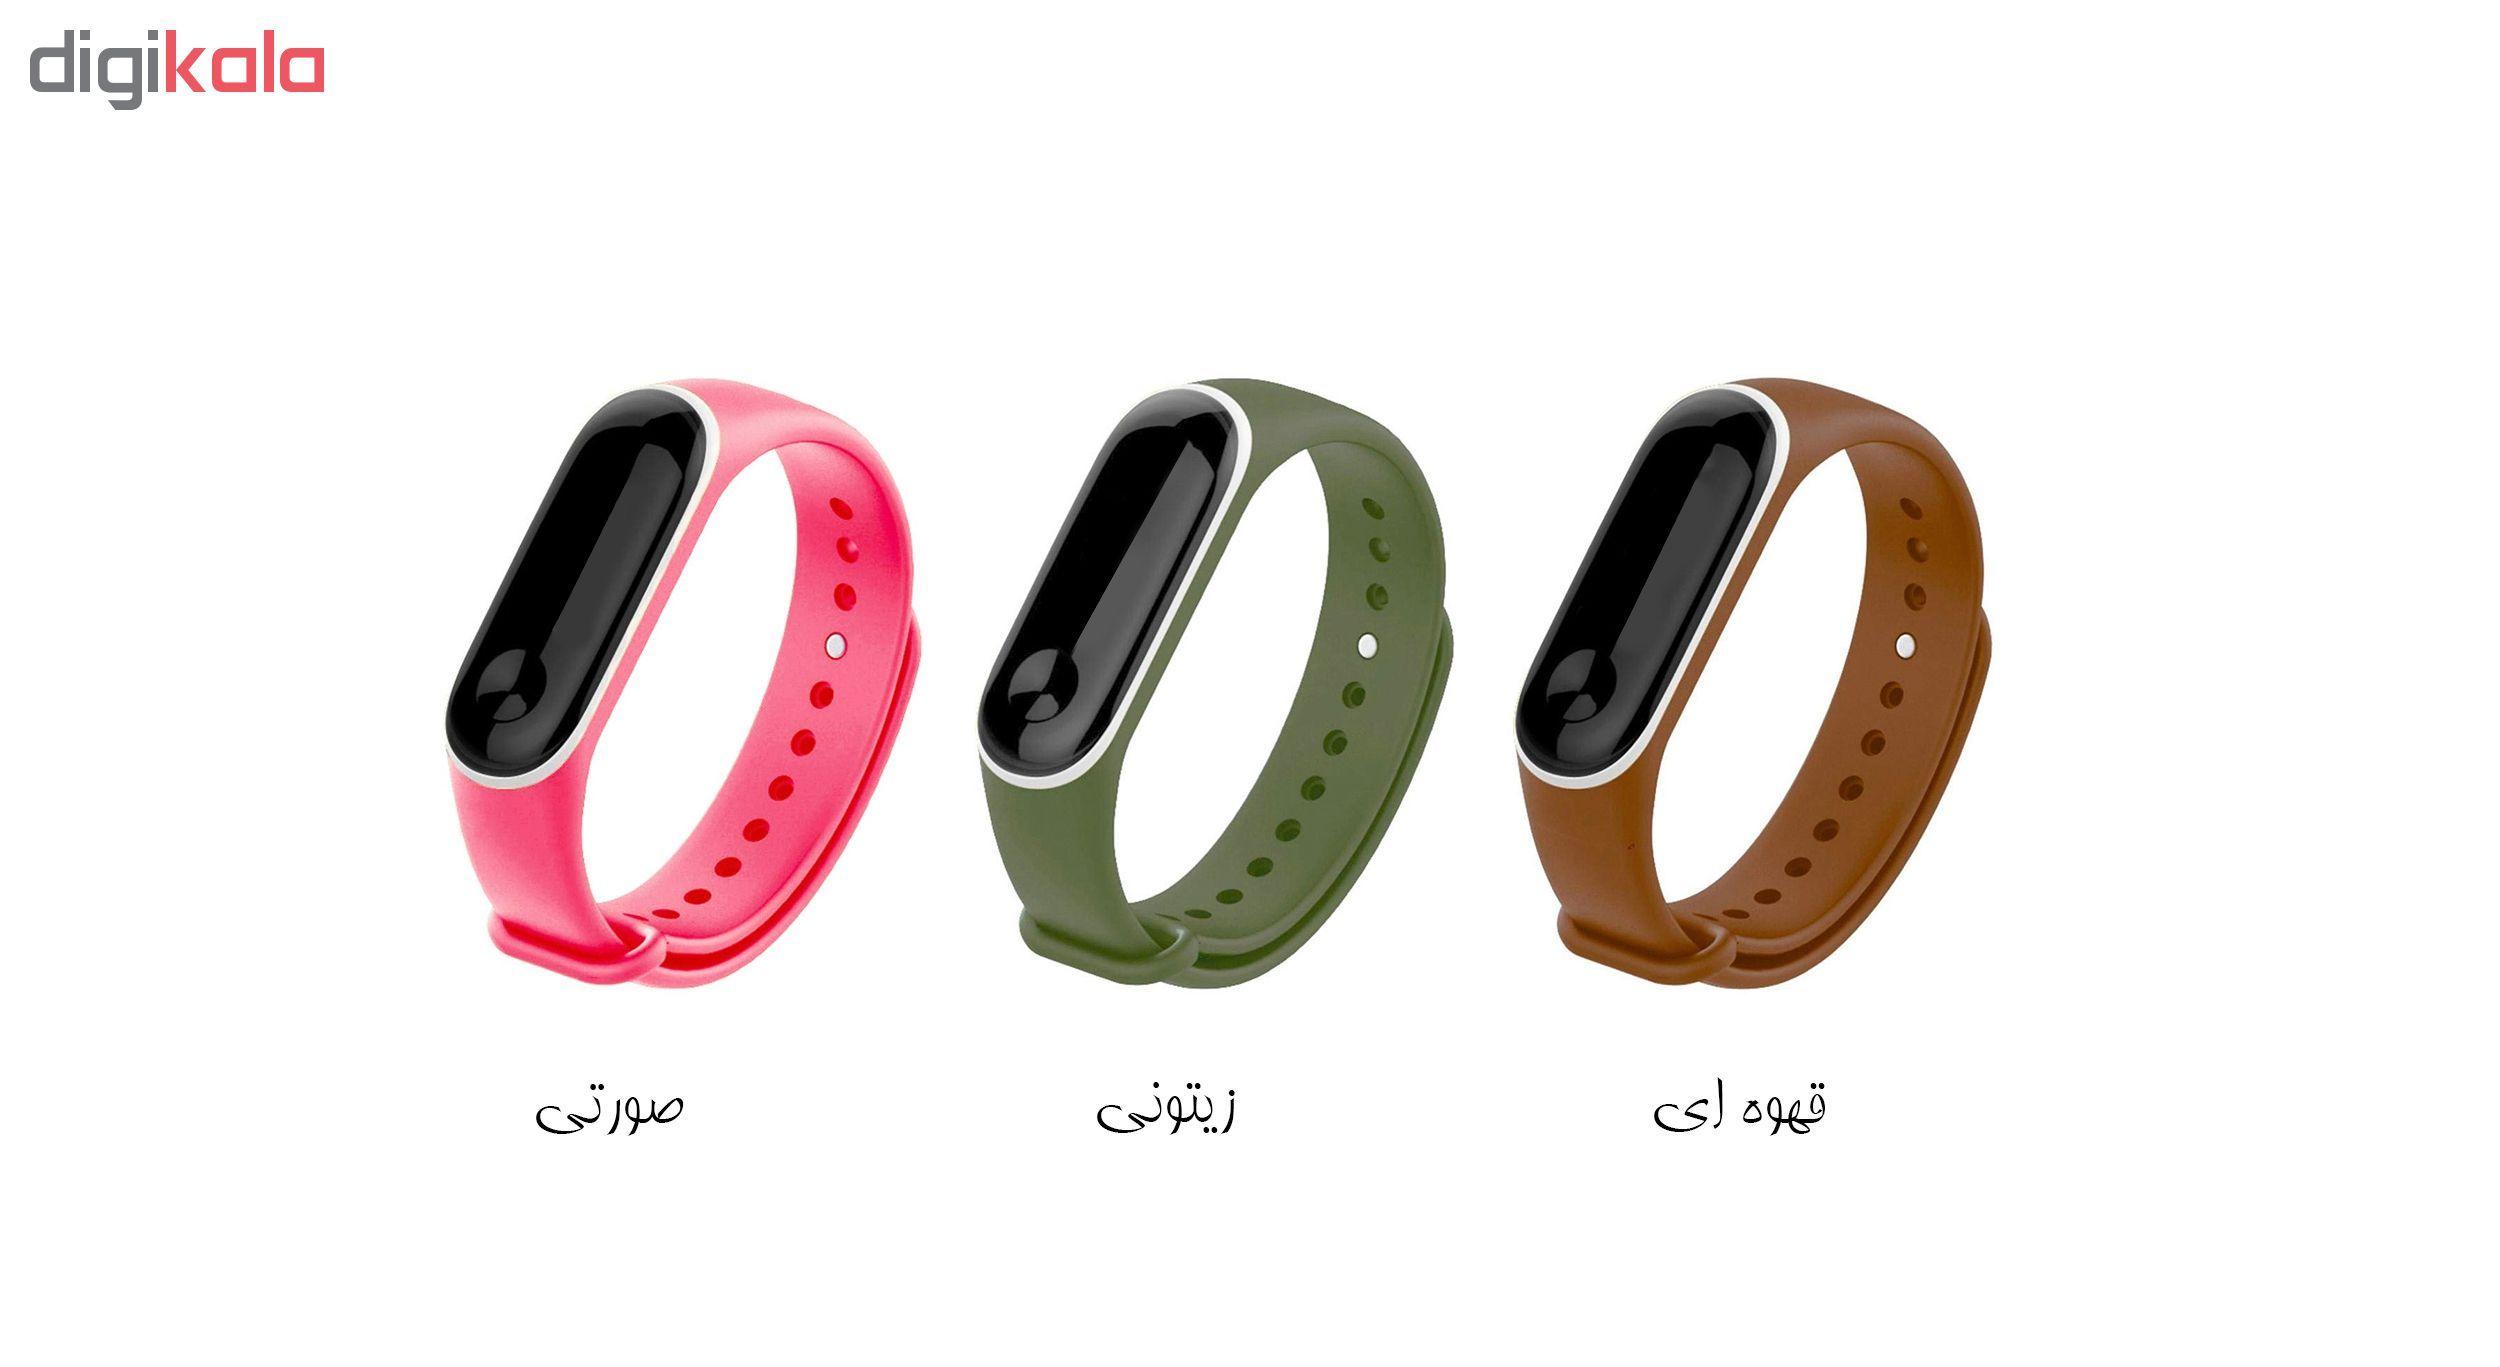 بند مچ بند هوشمند سومگ مدل SMG-S2 مناسب برای مچ بند هوشمند شیائومی Mi Band 3 و M3 main 1 9